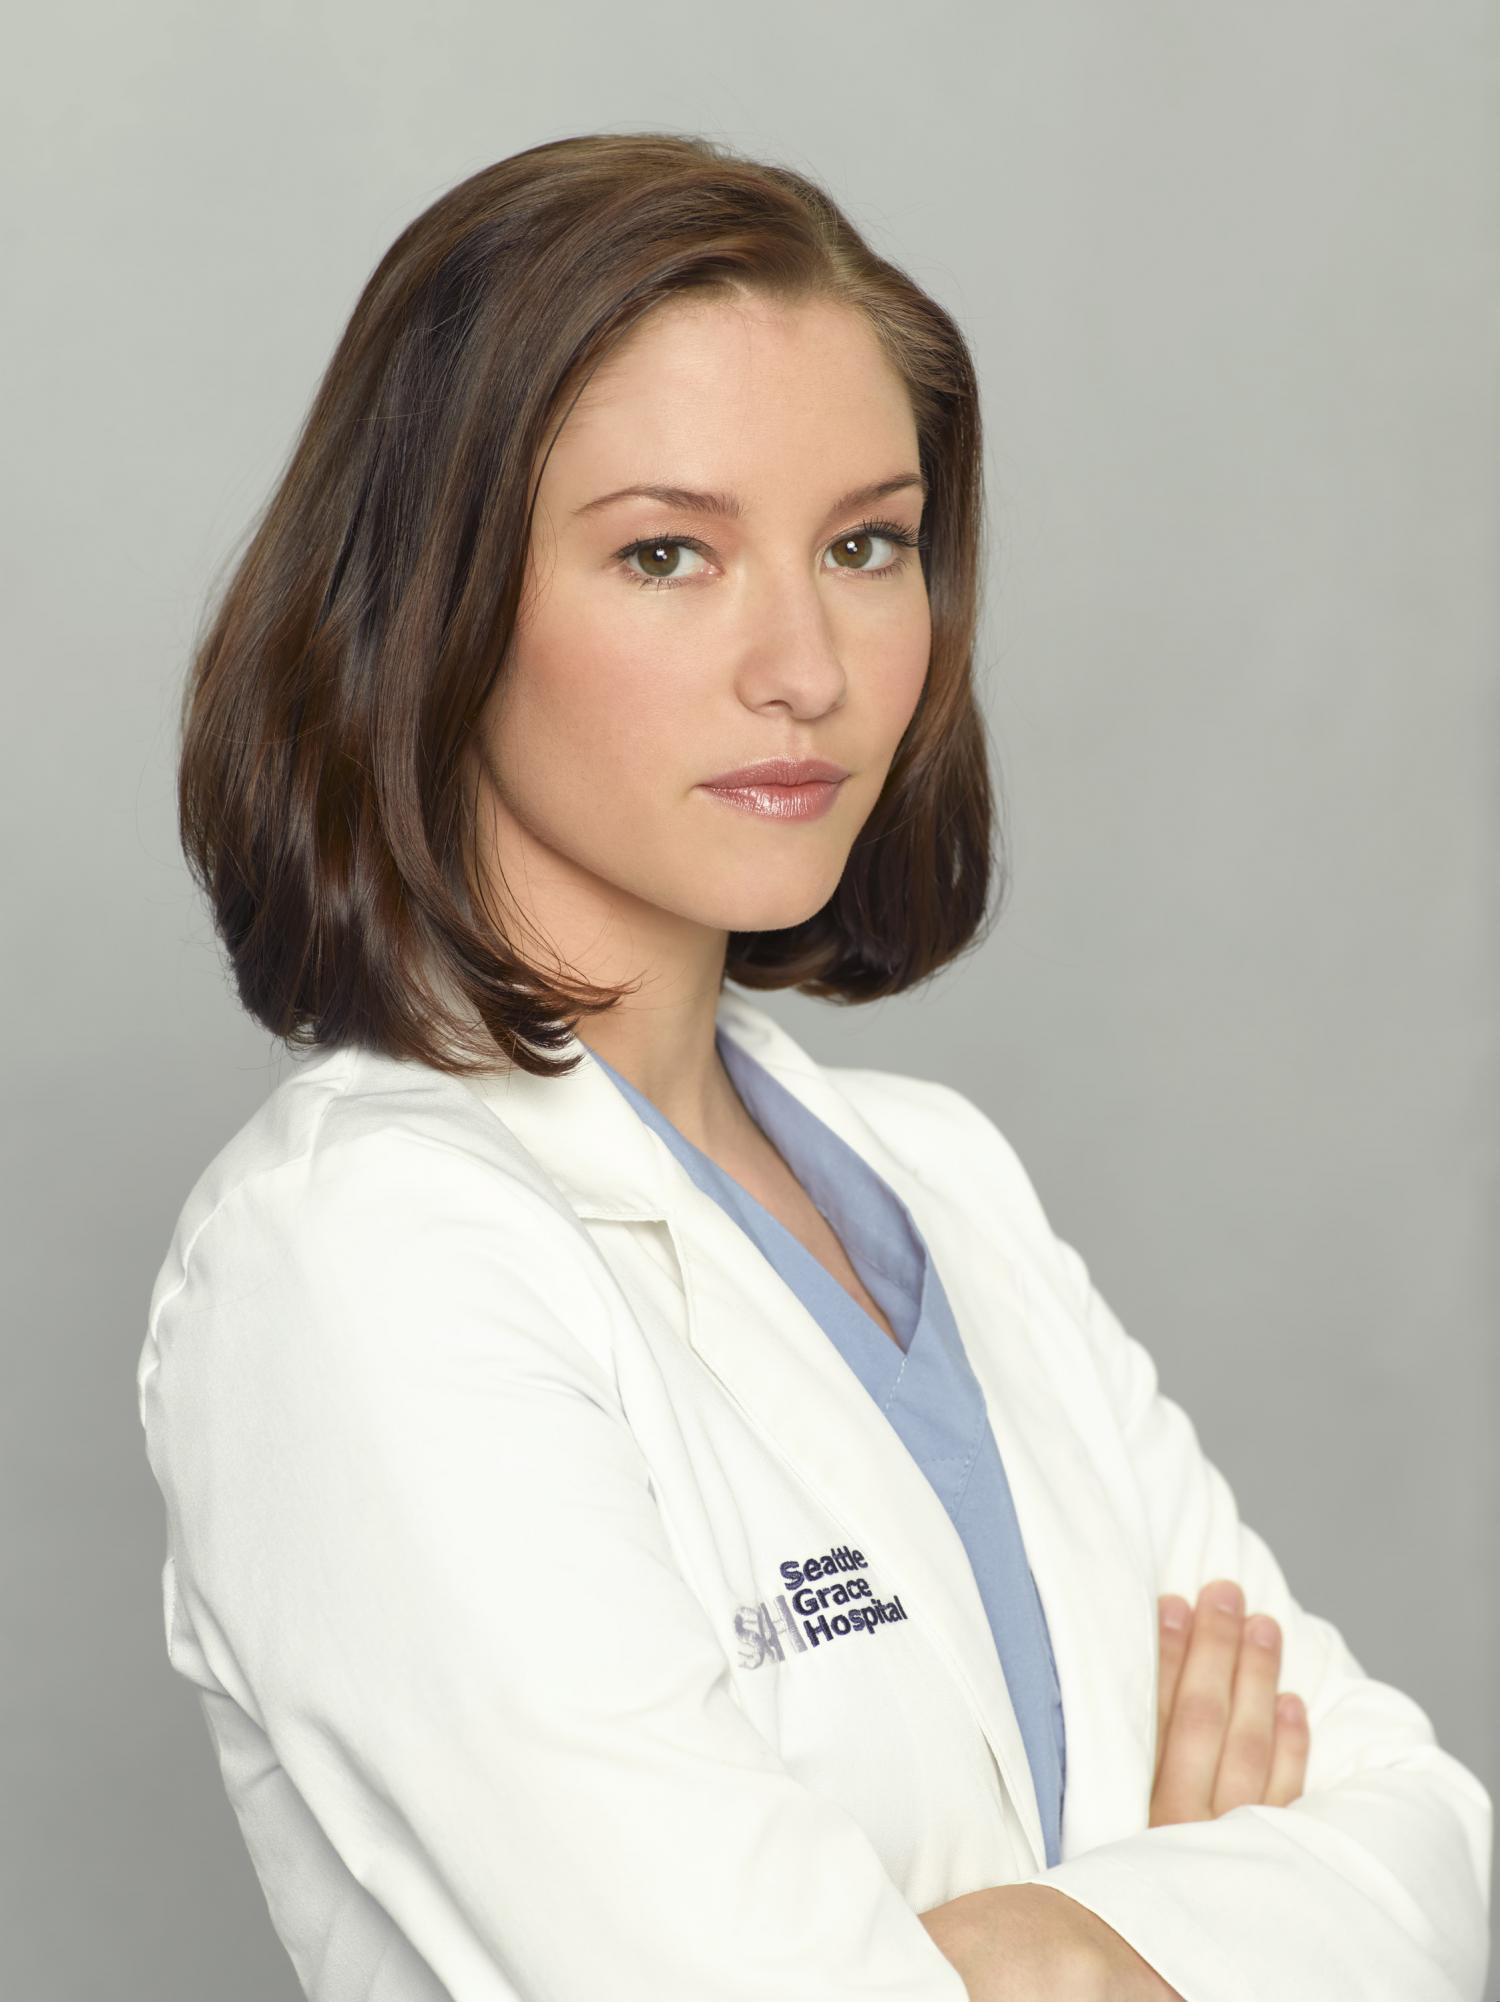 Lexie Grey/Gallery | Grey\'s Anatomy Universe Wiki | FANDOM powered ...